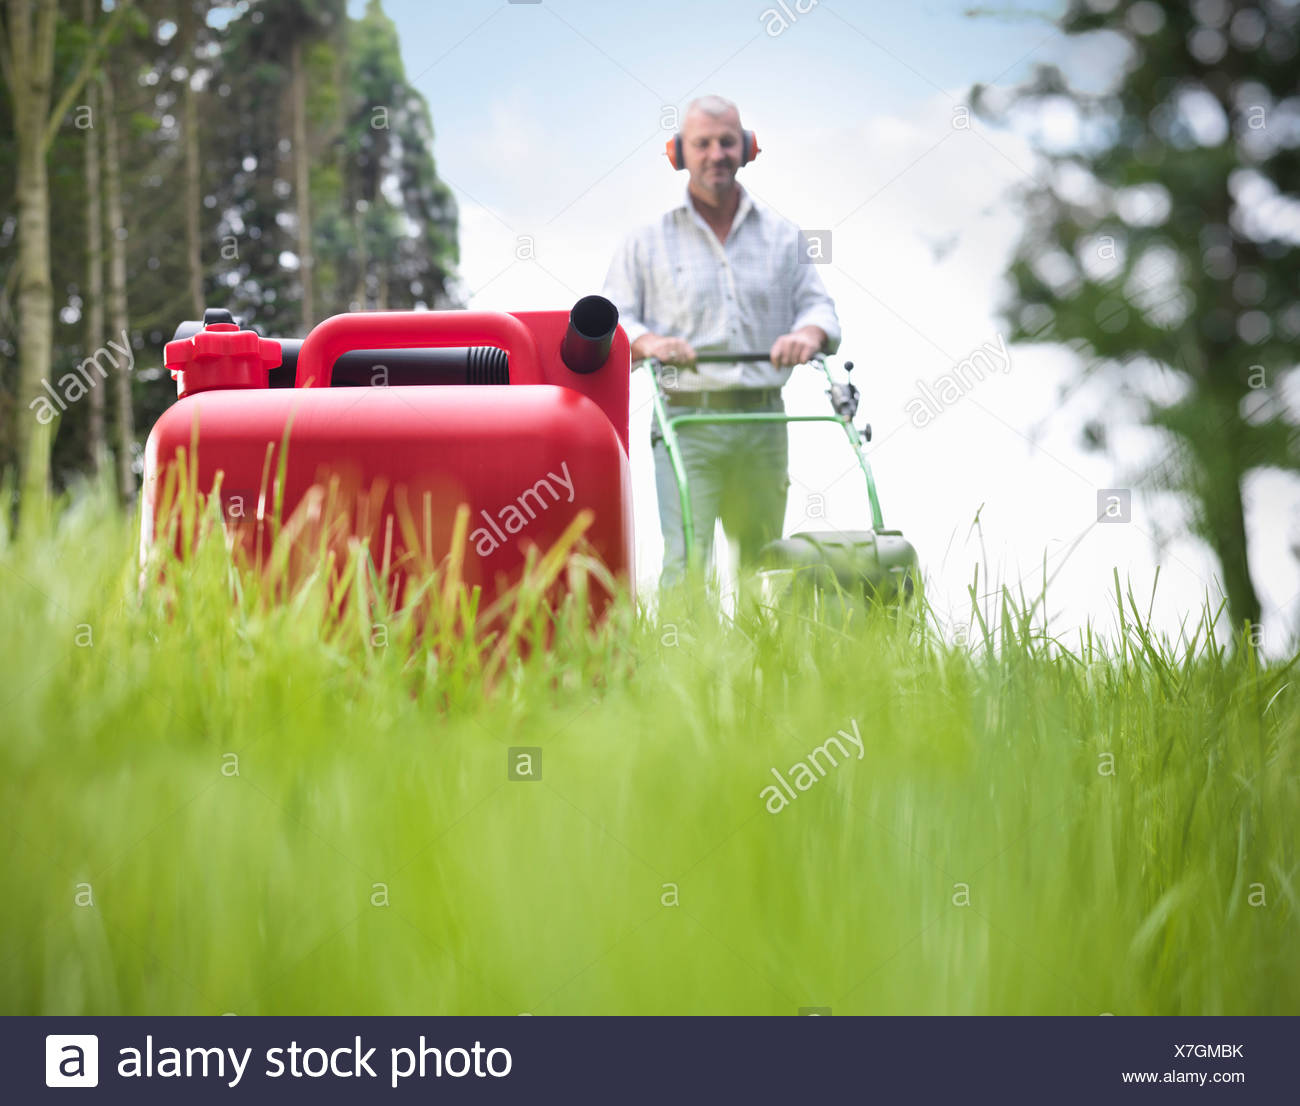 Kanister Benzin auf Rasenfläche Stockbild